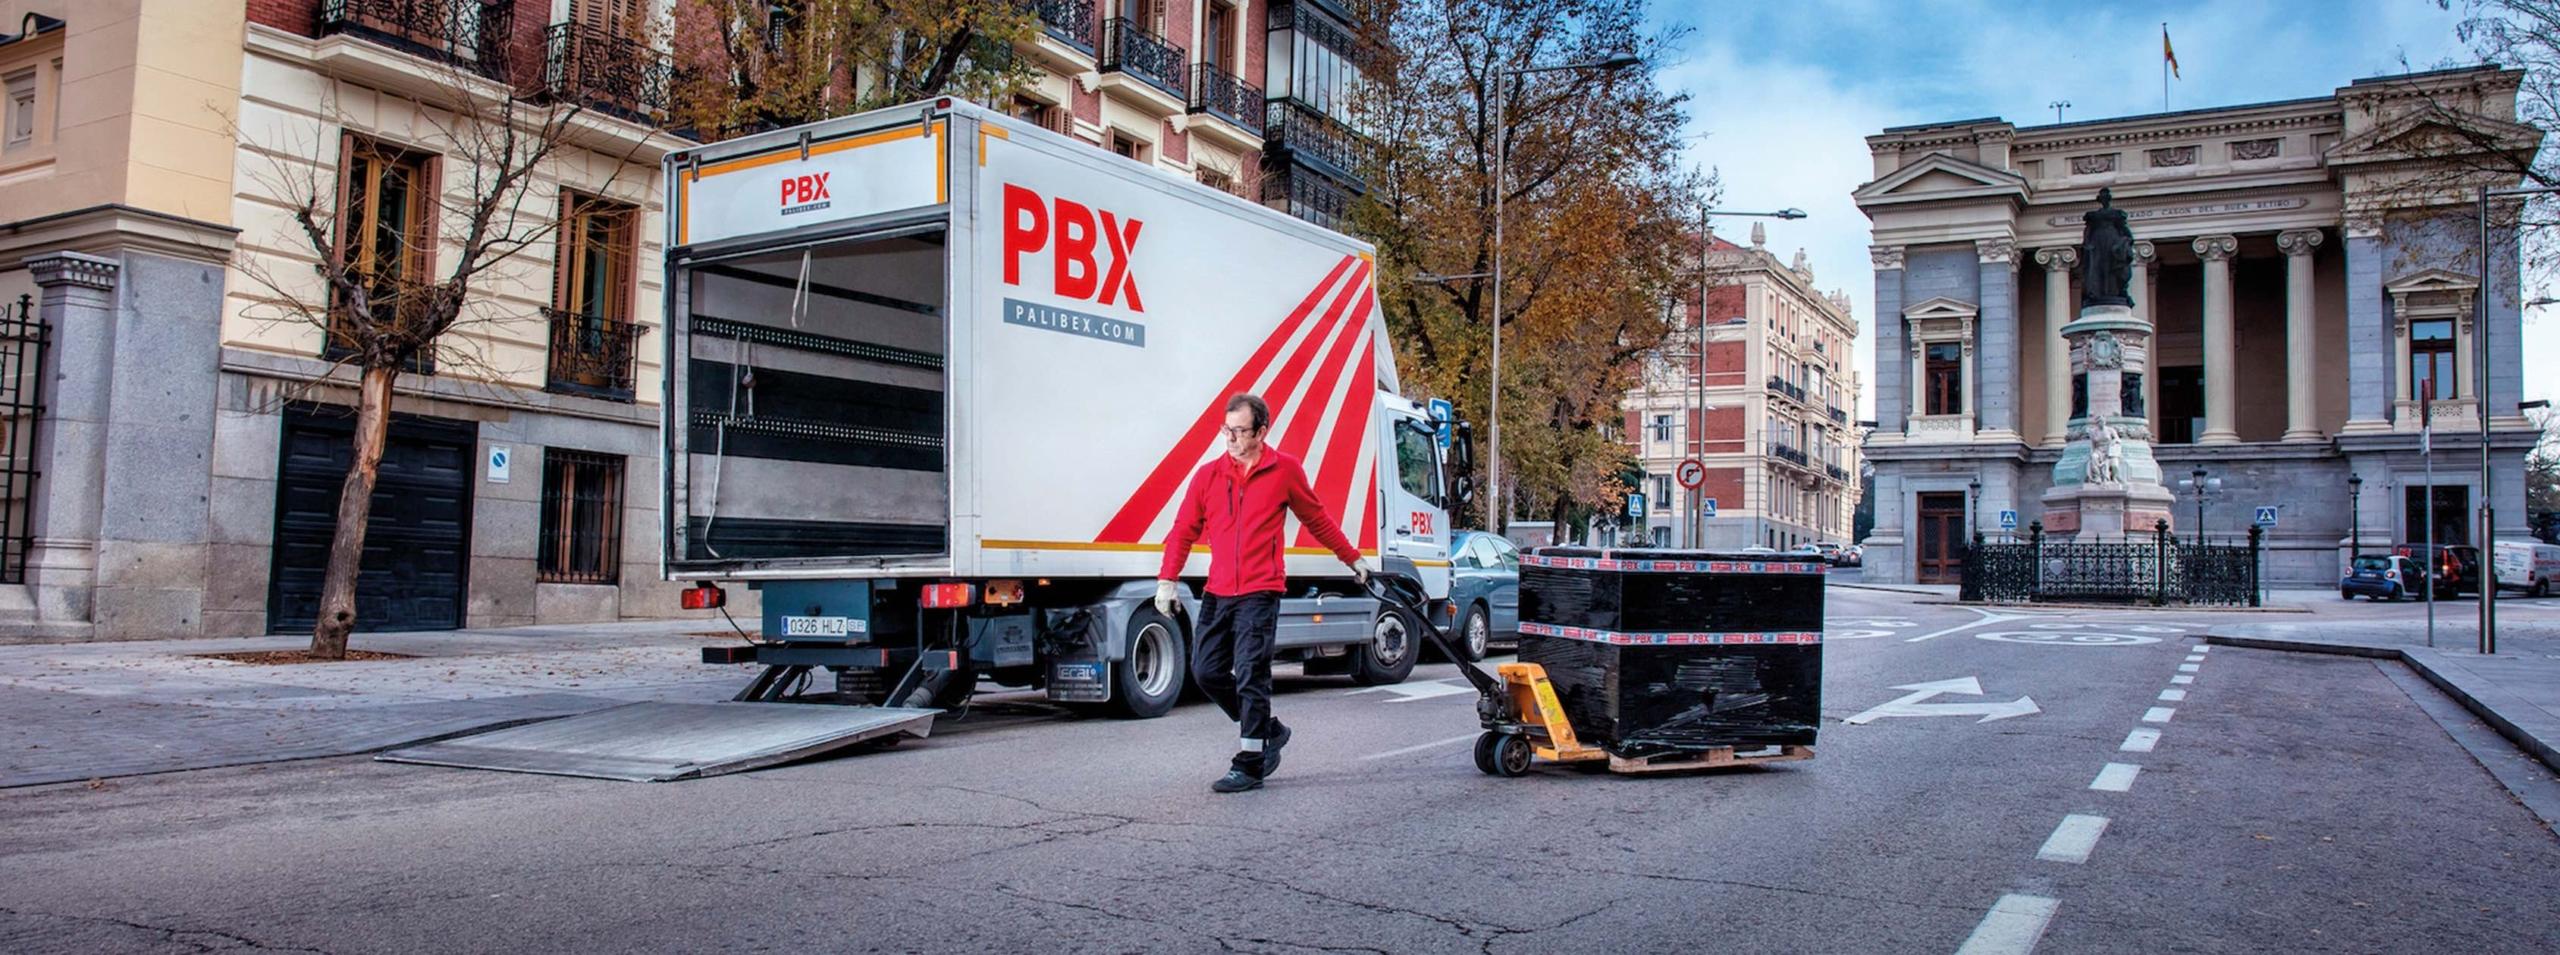 camion reparto palibex - quedate en casa - yo en la carretera